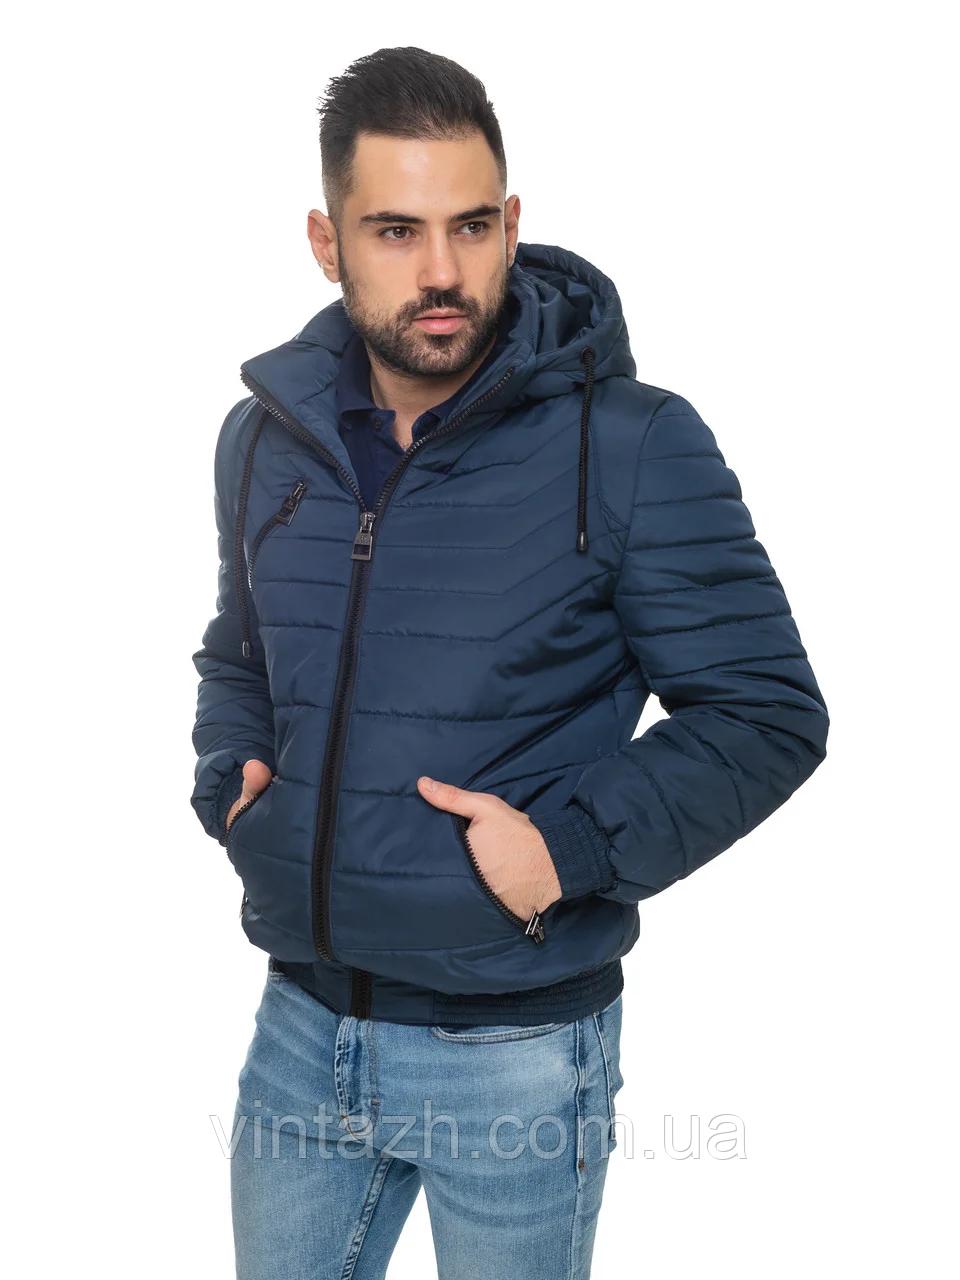 Мужская куртка демисезонная укороченная размер 48-56